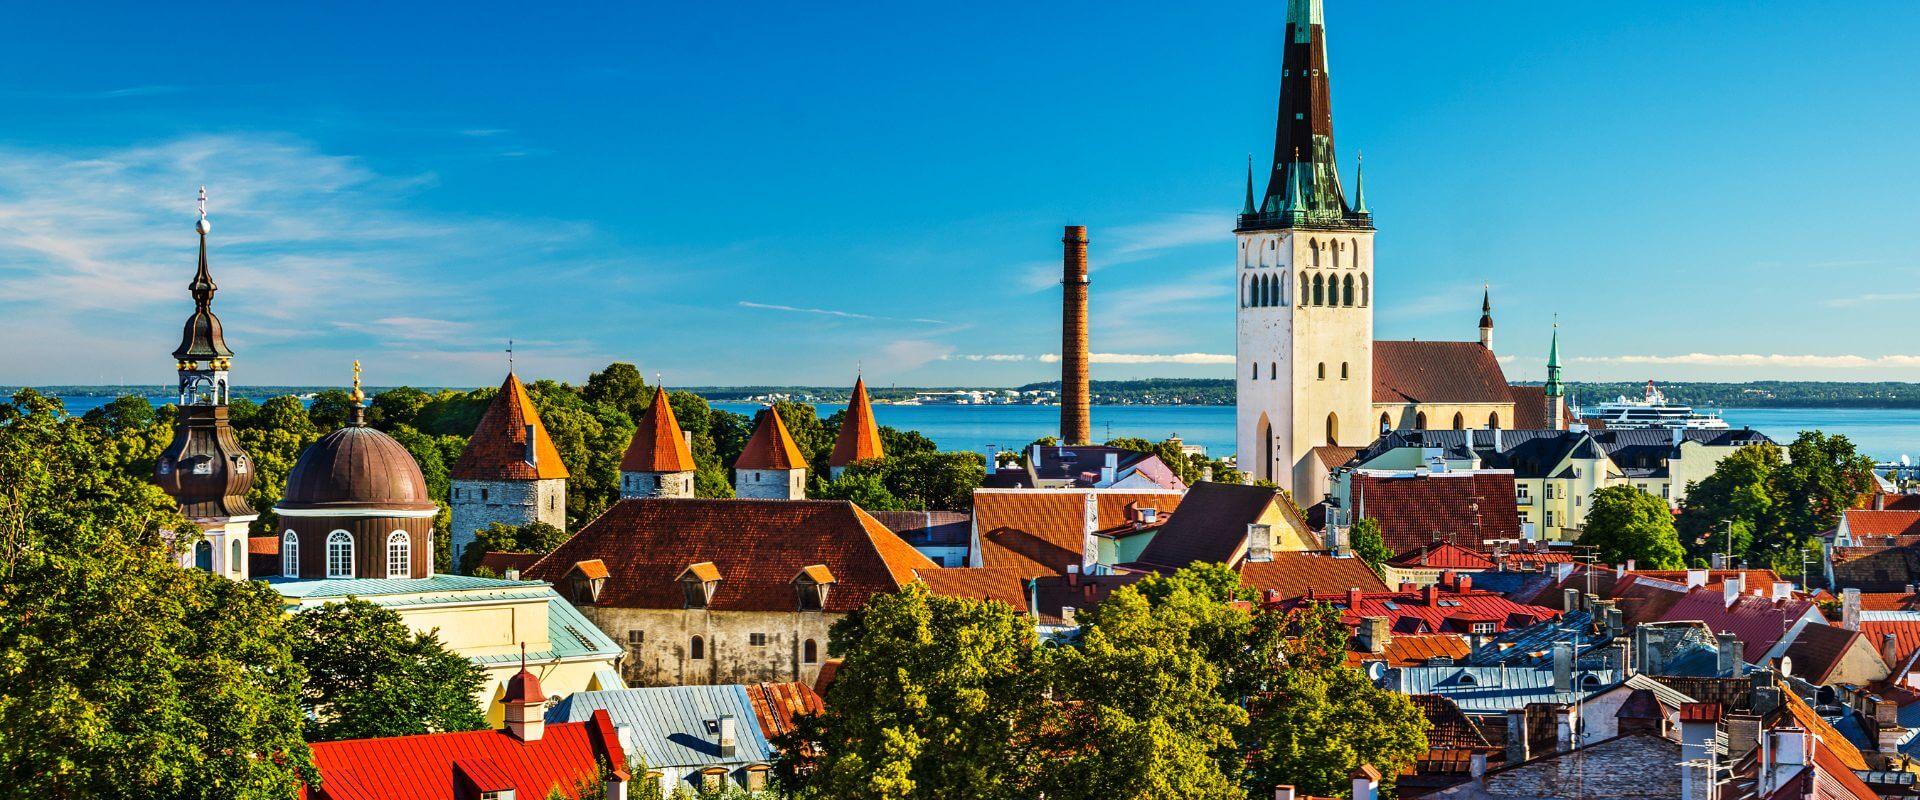 Bild Tallinn